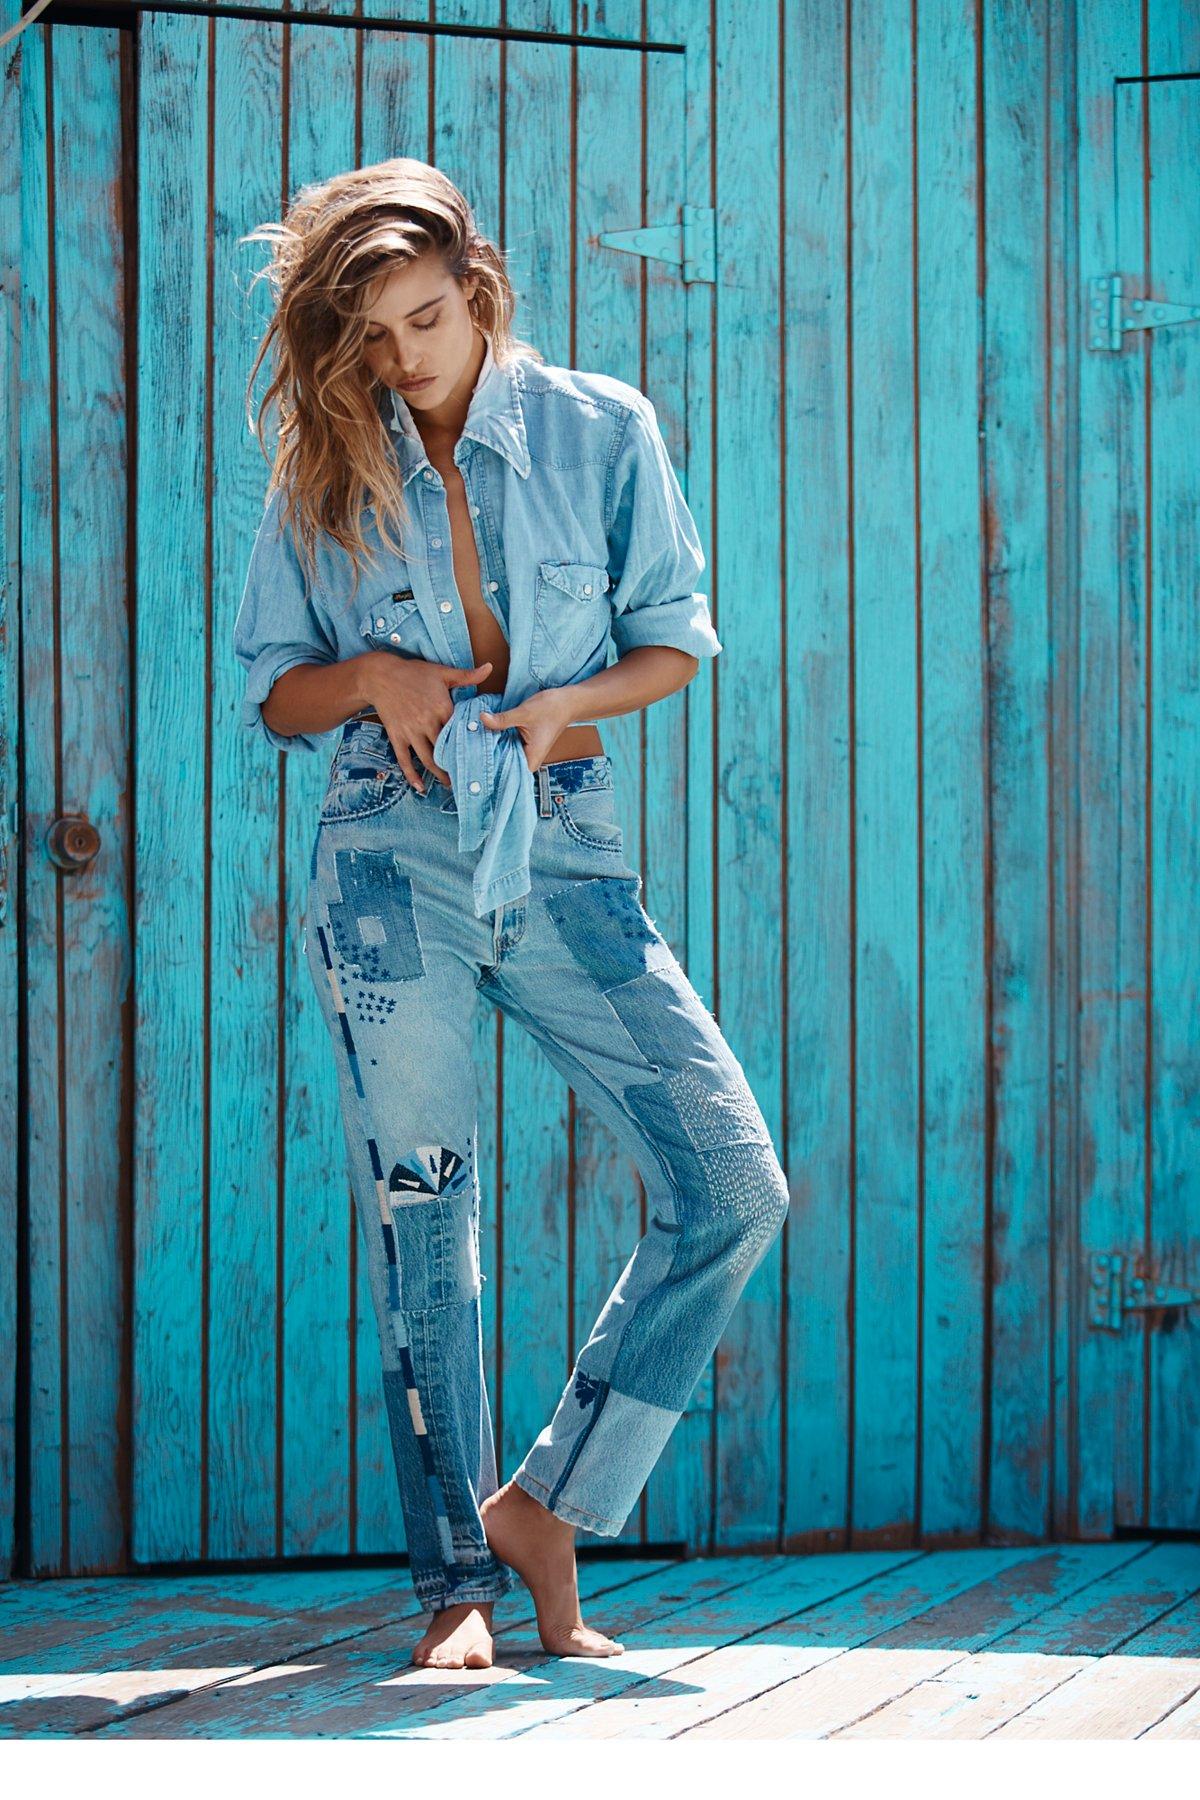 Heirloom Moondial Vintage Boyfriend Jeans